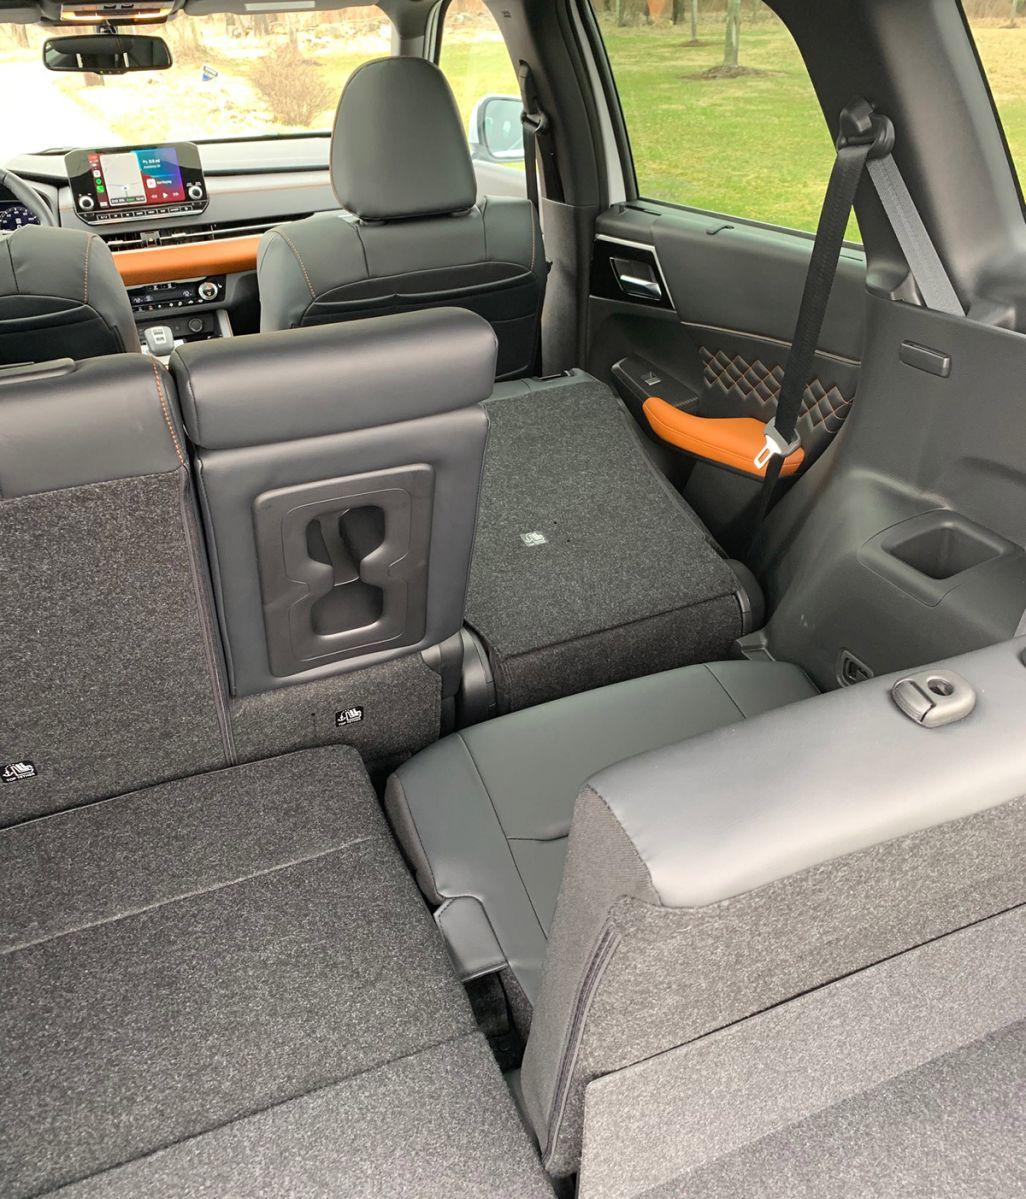 La tercera fila de asientos no tiene espacio para las piernas.